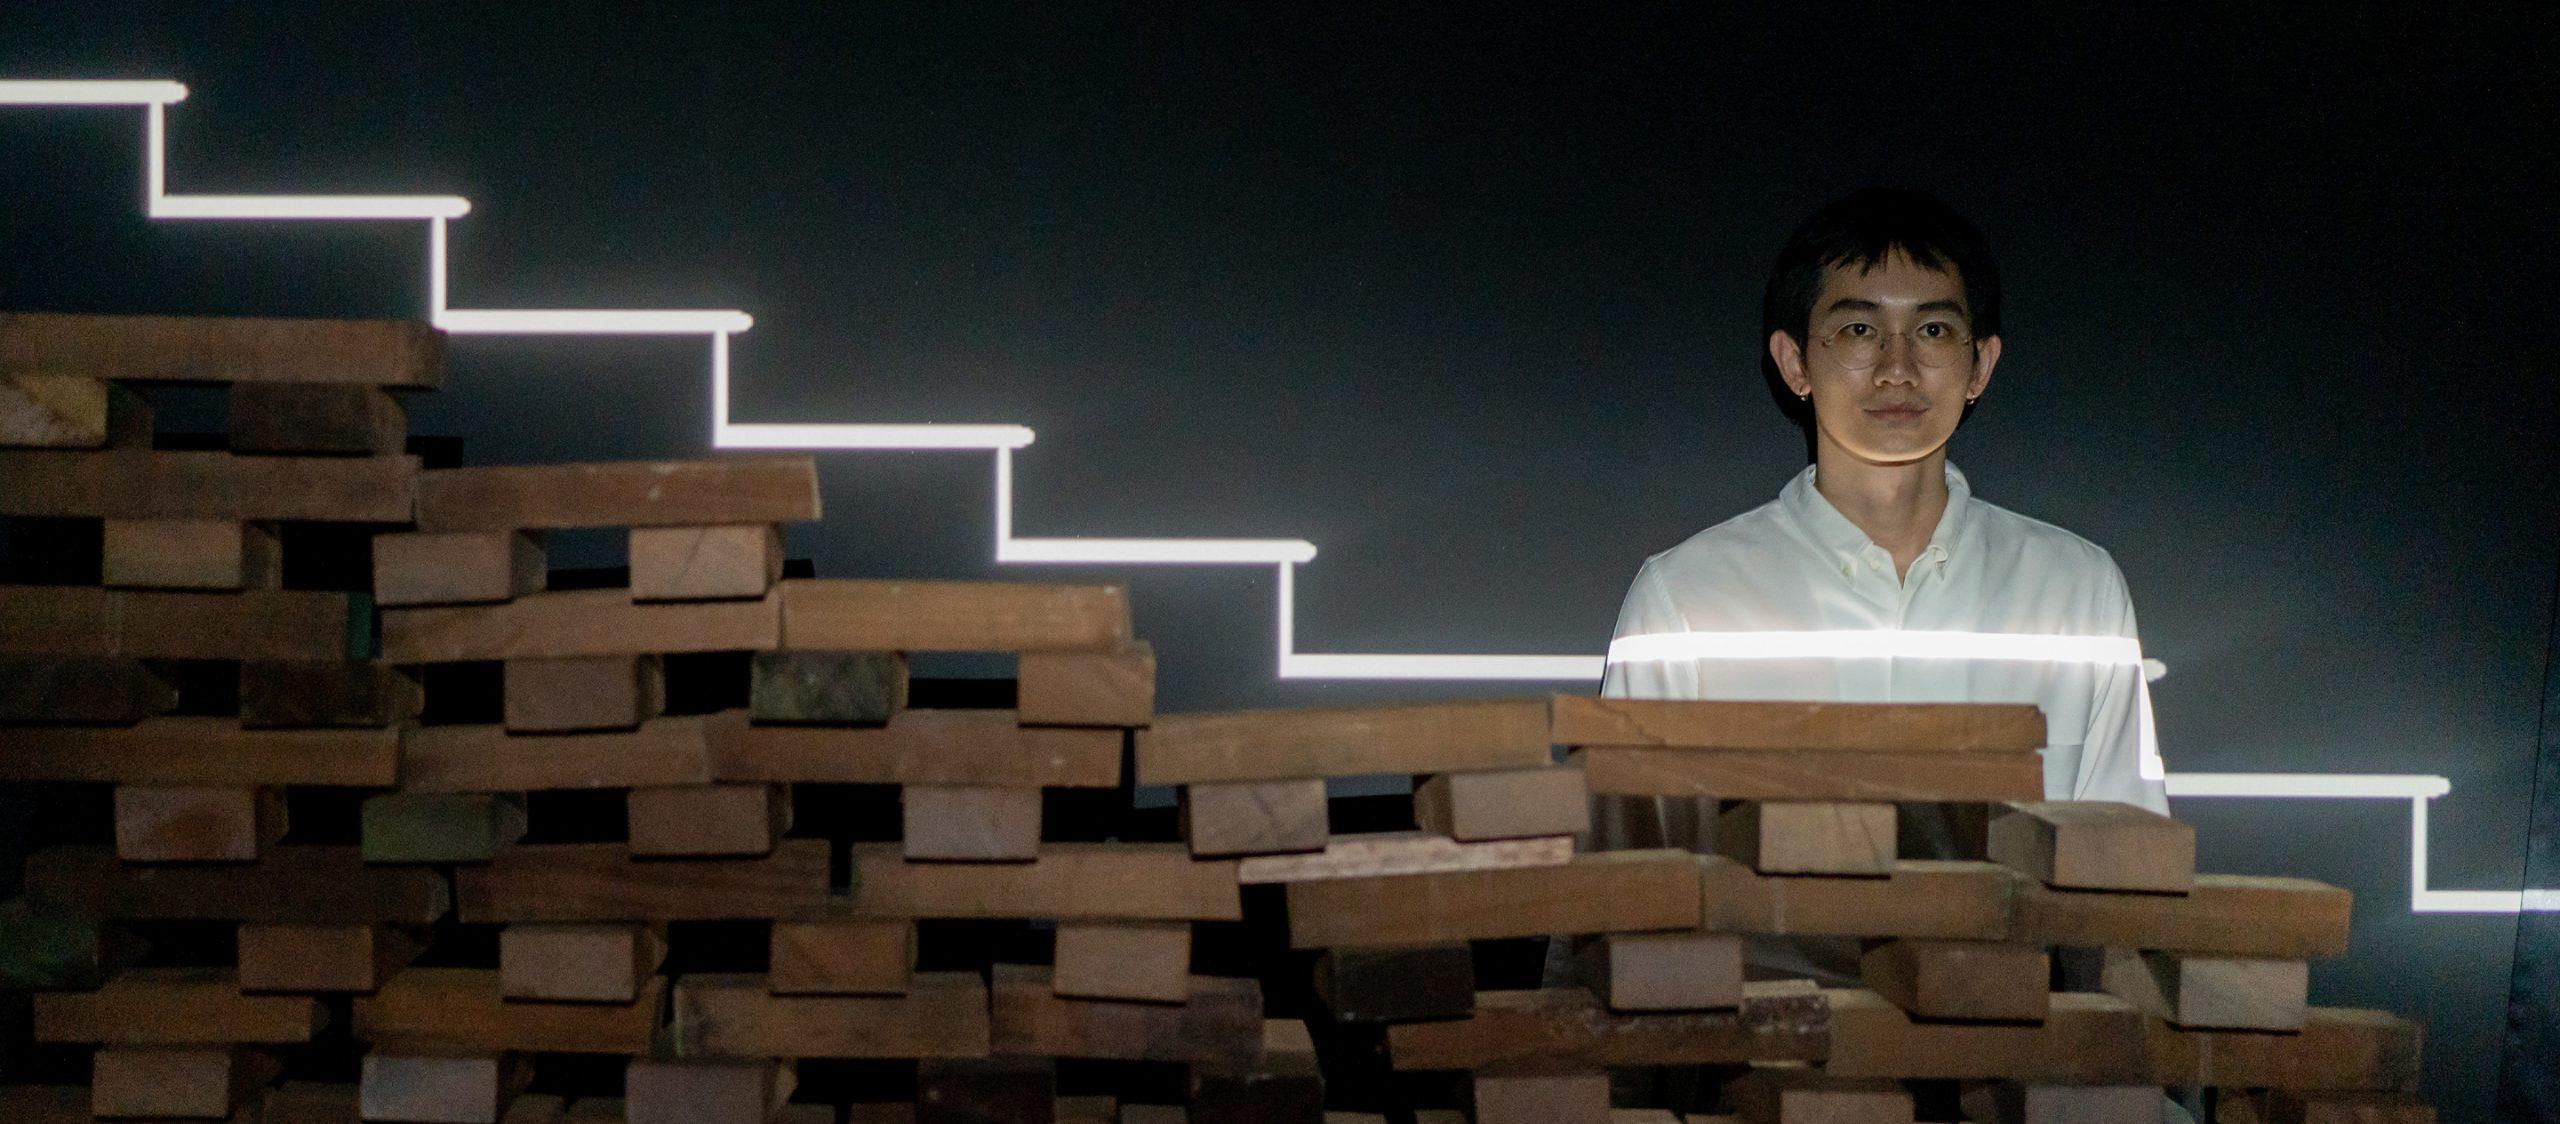 ศรภัทร ภัทราคร : สถาปนิกผู้สร้างงานศิลปะจากแสง ที่ว่าง และระยะทางถึงดวงอาทิตย์